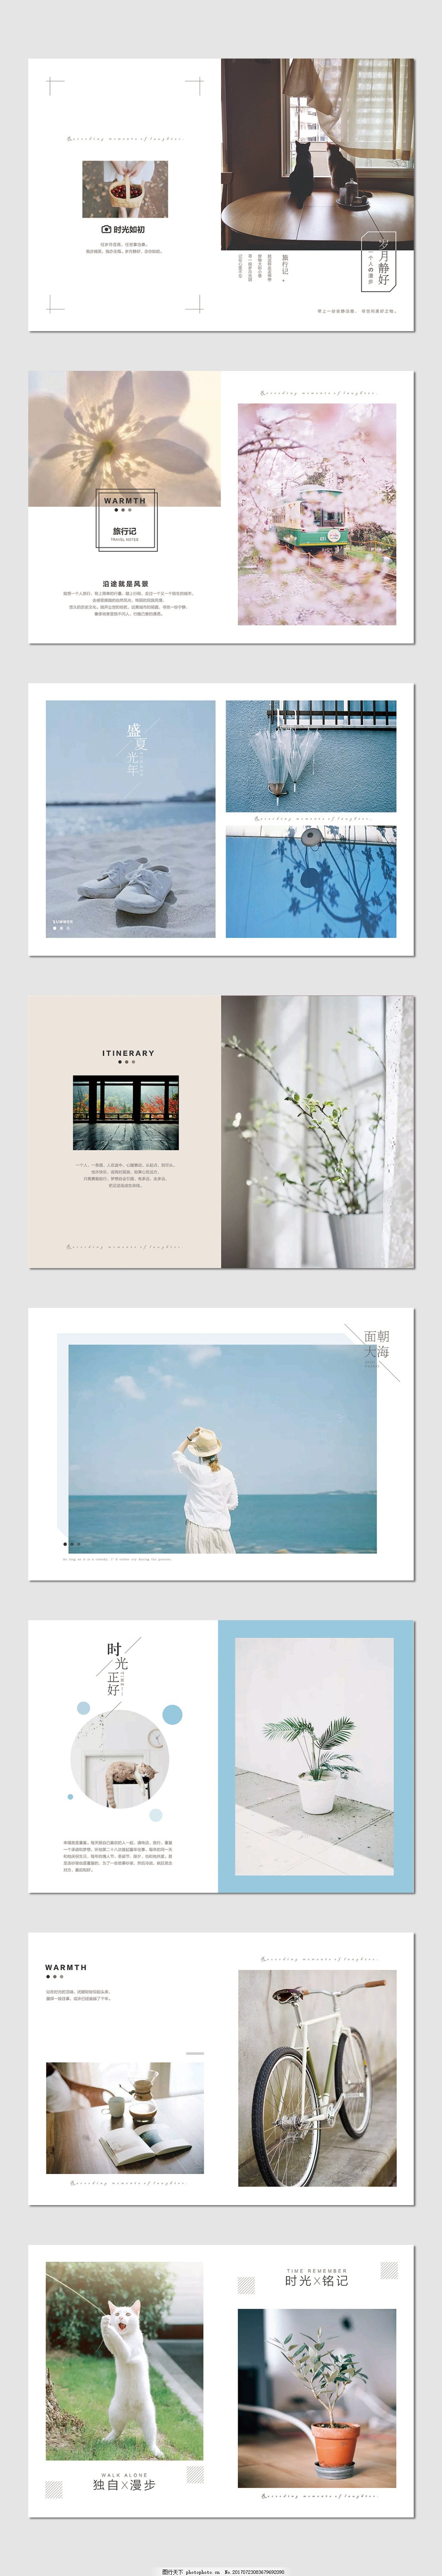 日系文艺小清新旅行写真集摄影相册模板 简约 影楼 画册 扁平 时尚